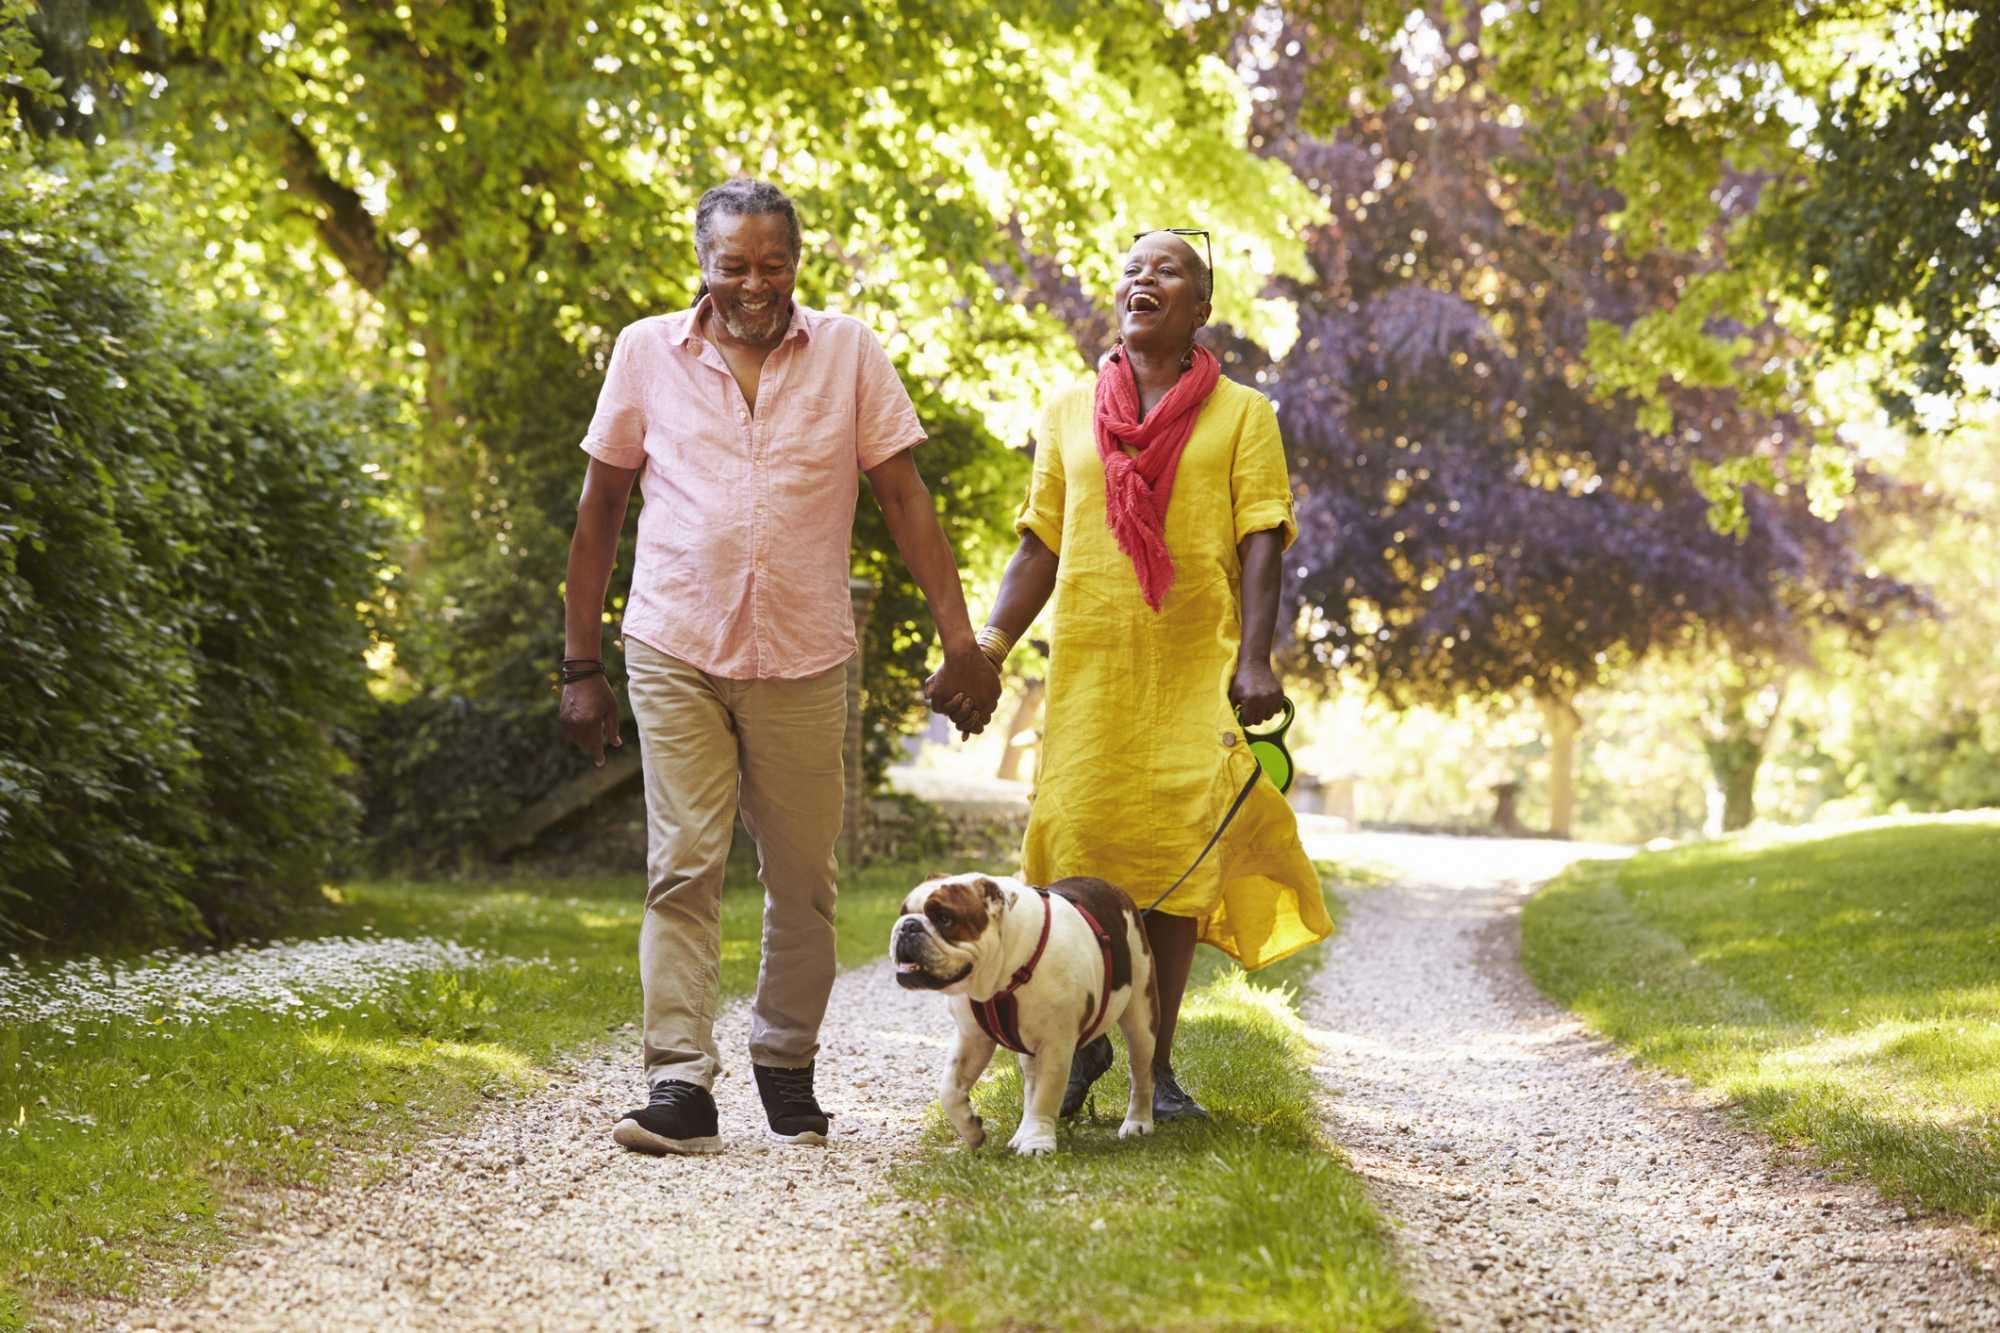 Caminhada com idosos: conheça os benefícios e melhores indicações